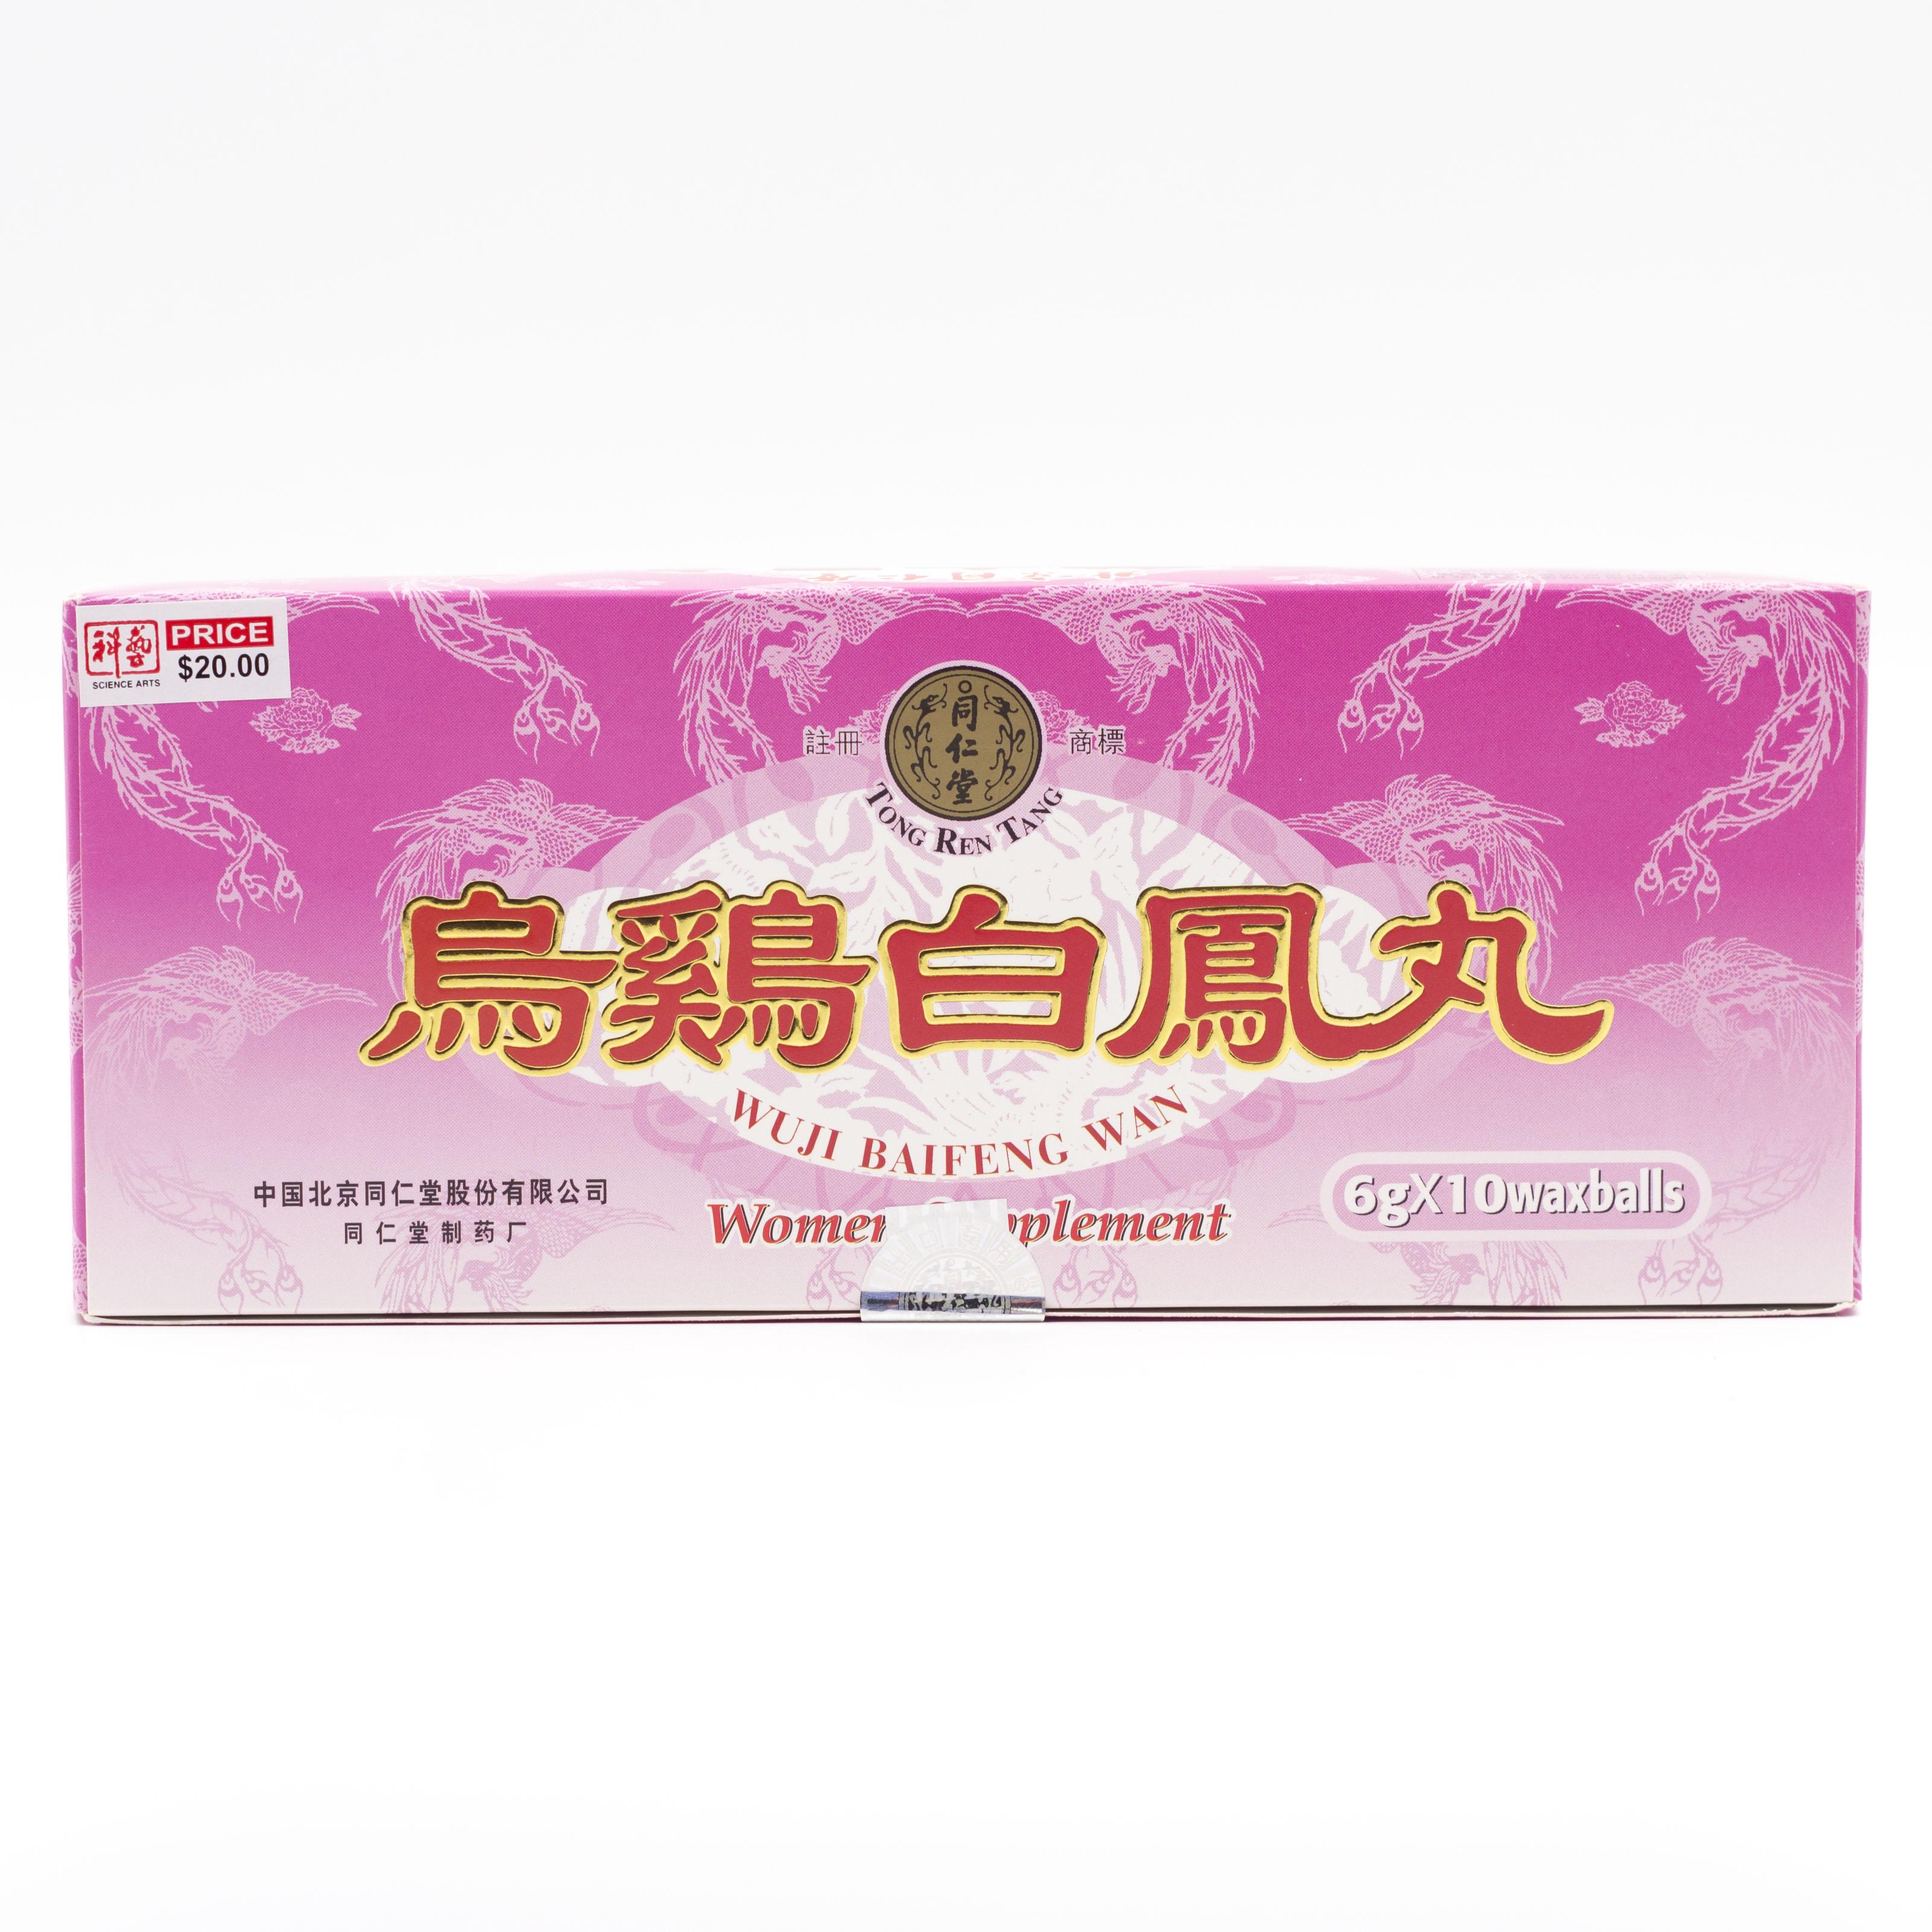 Niu Huang Qing Xin Wan Daftar Harga Termurah Dan Terlengkap Home Page 2 Tong Ren Tang Wuji